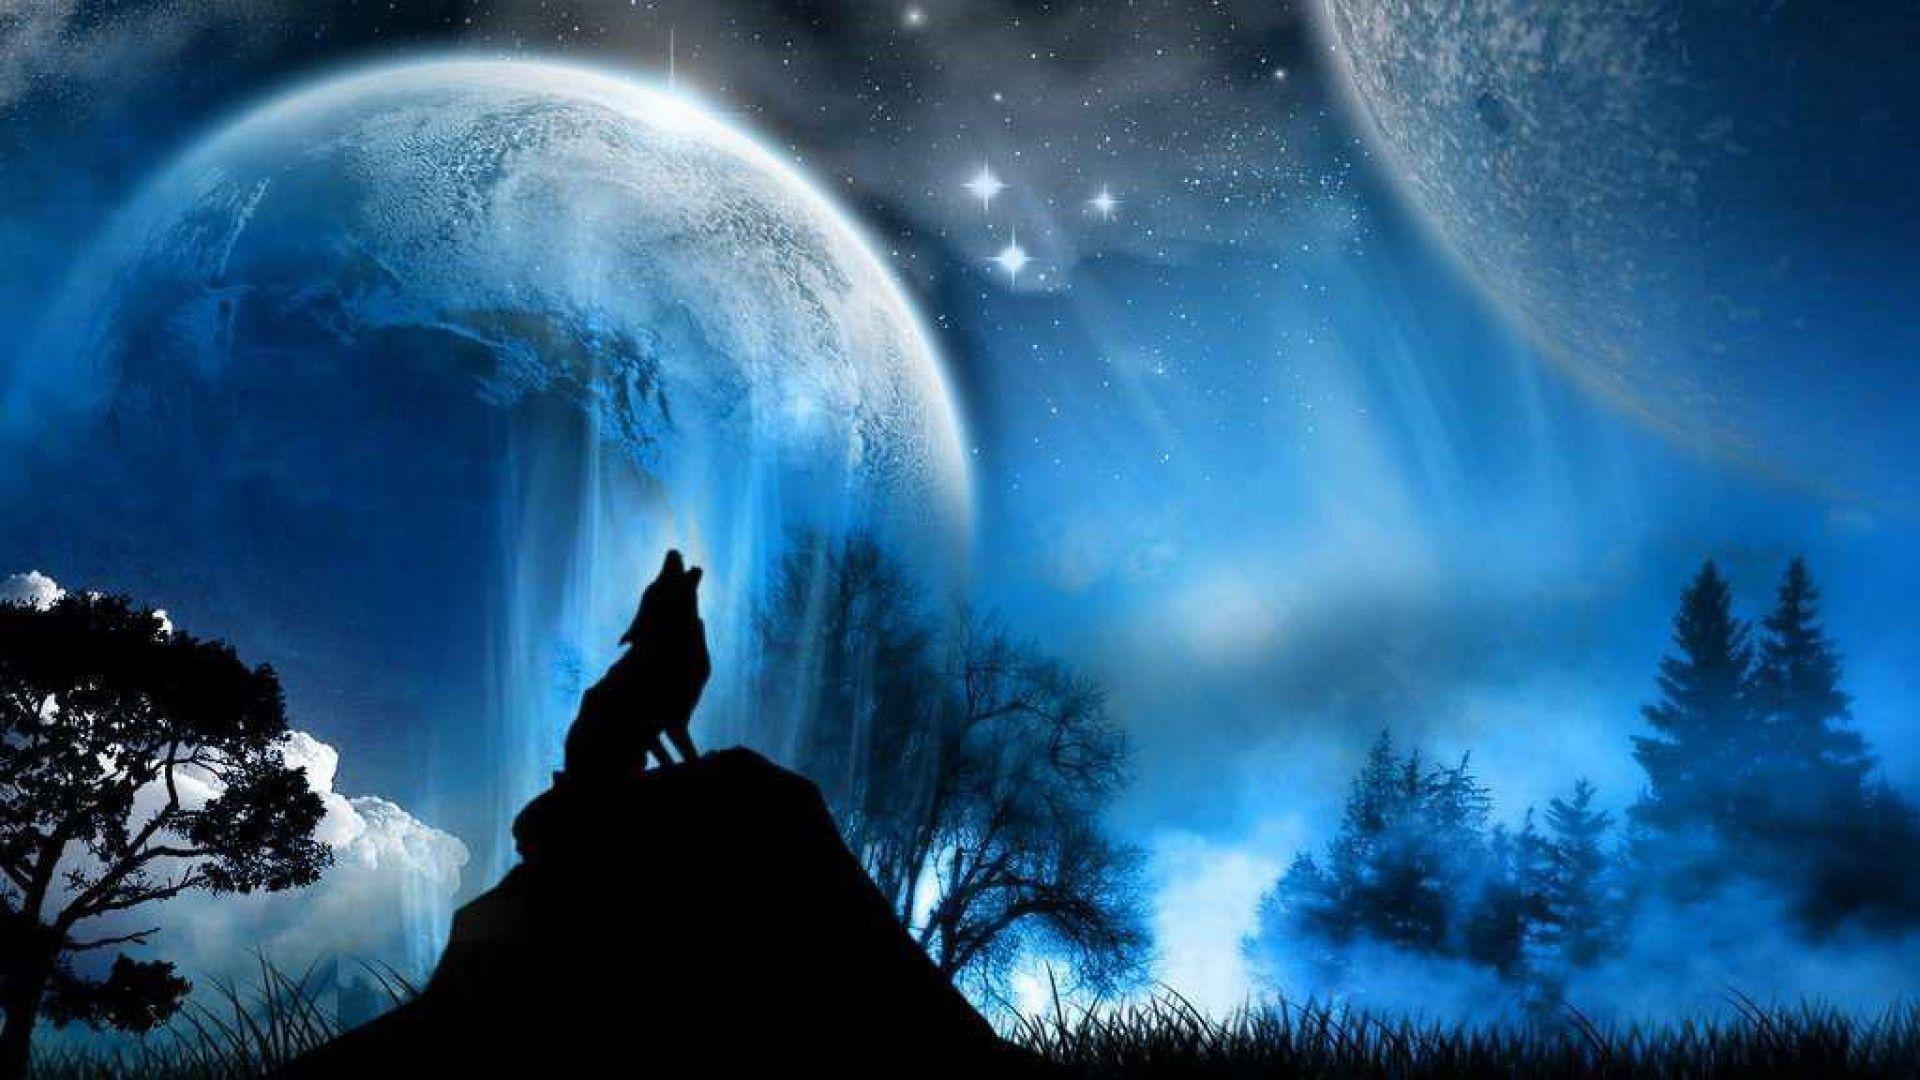 Wolf Wallpaper Hd 1080p Desktop #1223 Wallpaper   walldesktophd.